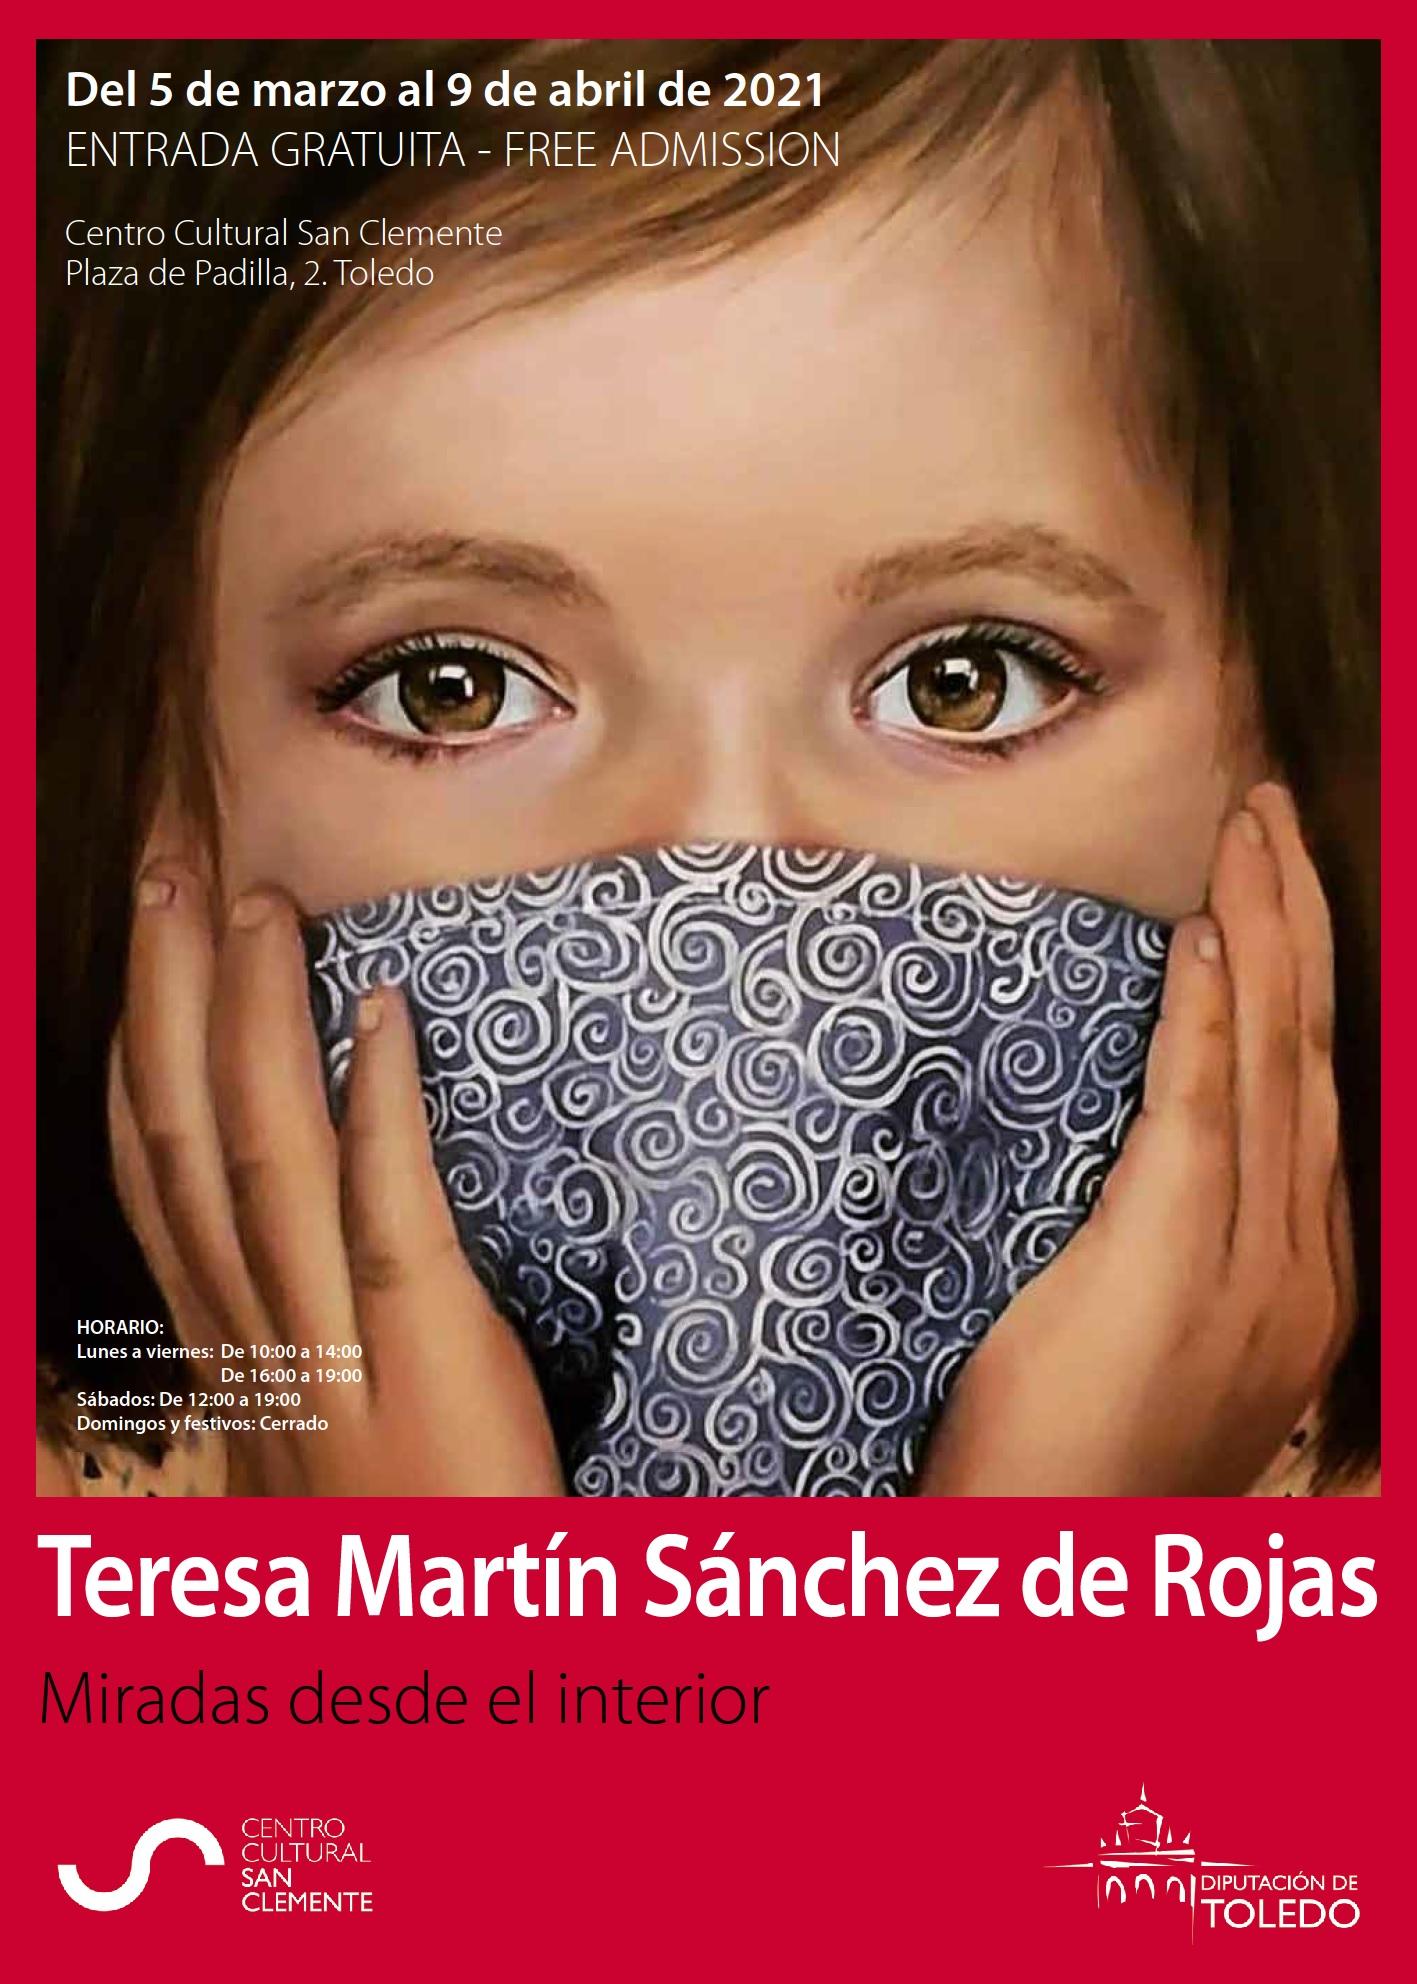 3 - Teresa Martín